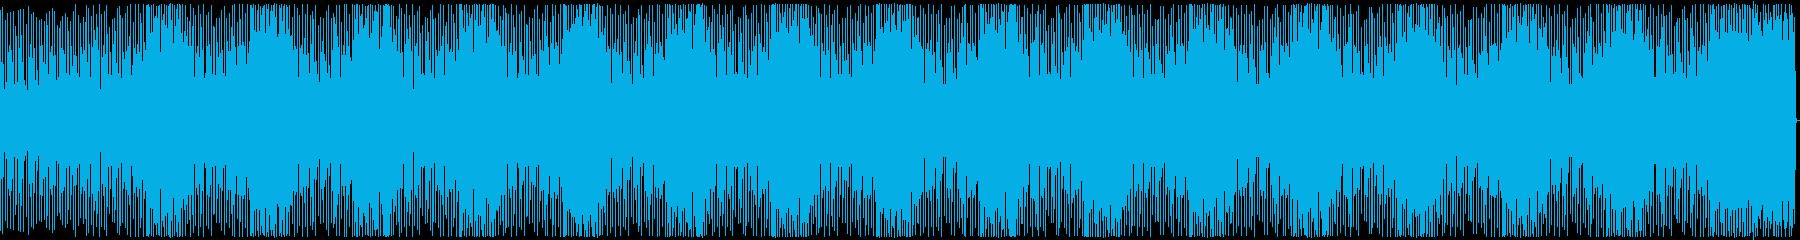 ロボット、クイズ、考え中、10分の再生済みの波形